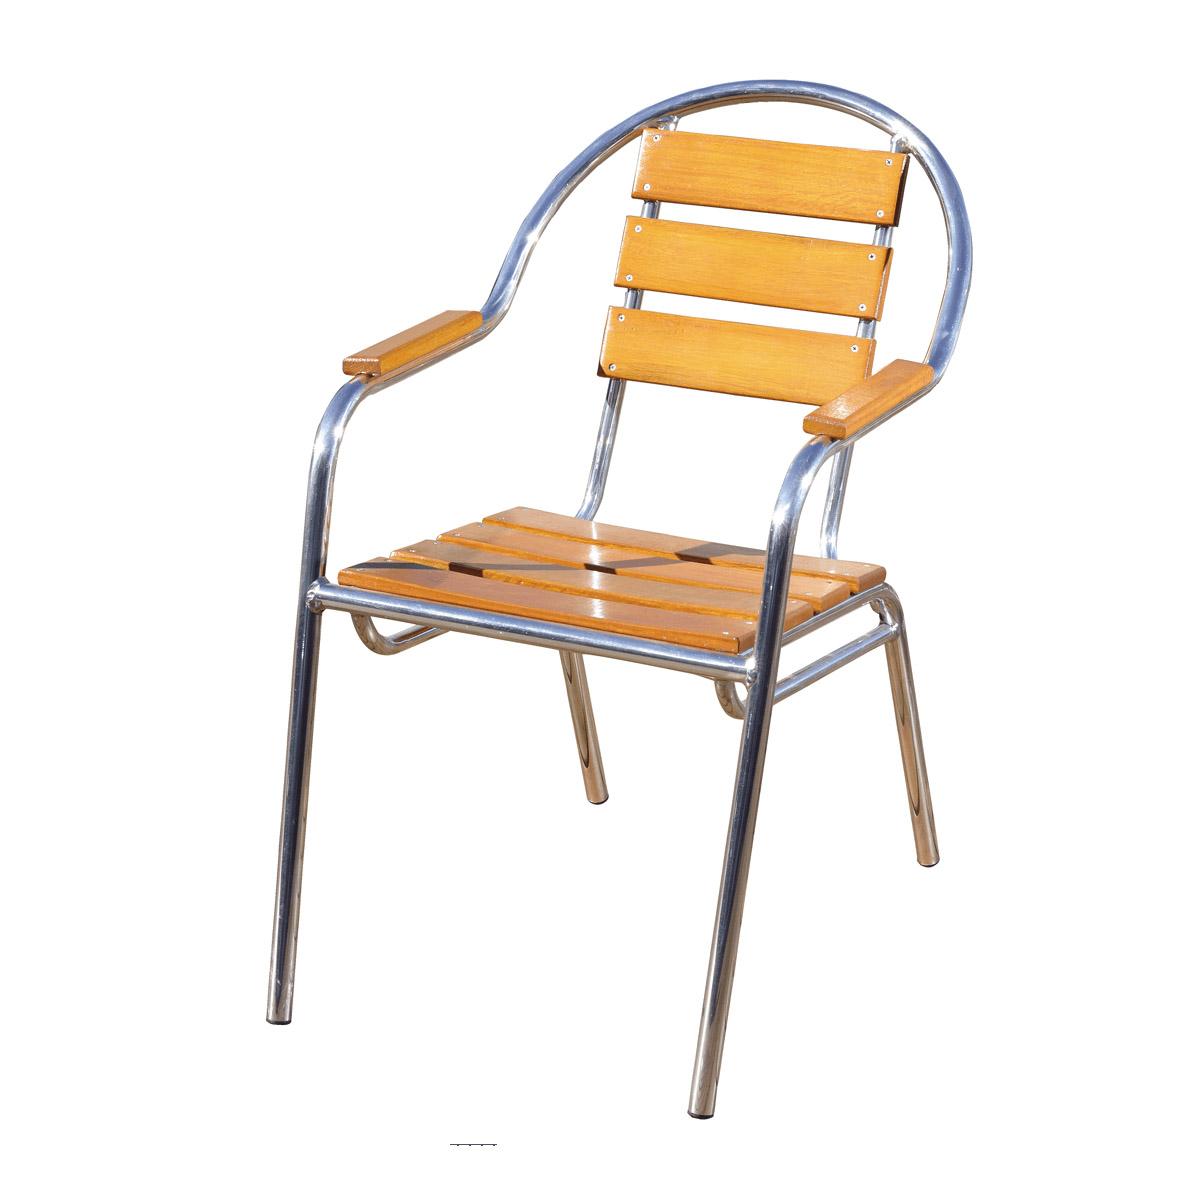 Cadeira em madeira e alumínio polido - CMAC44